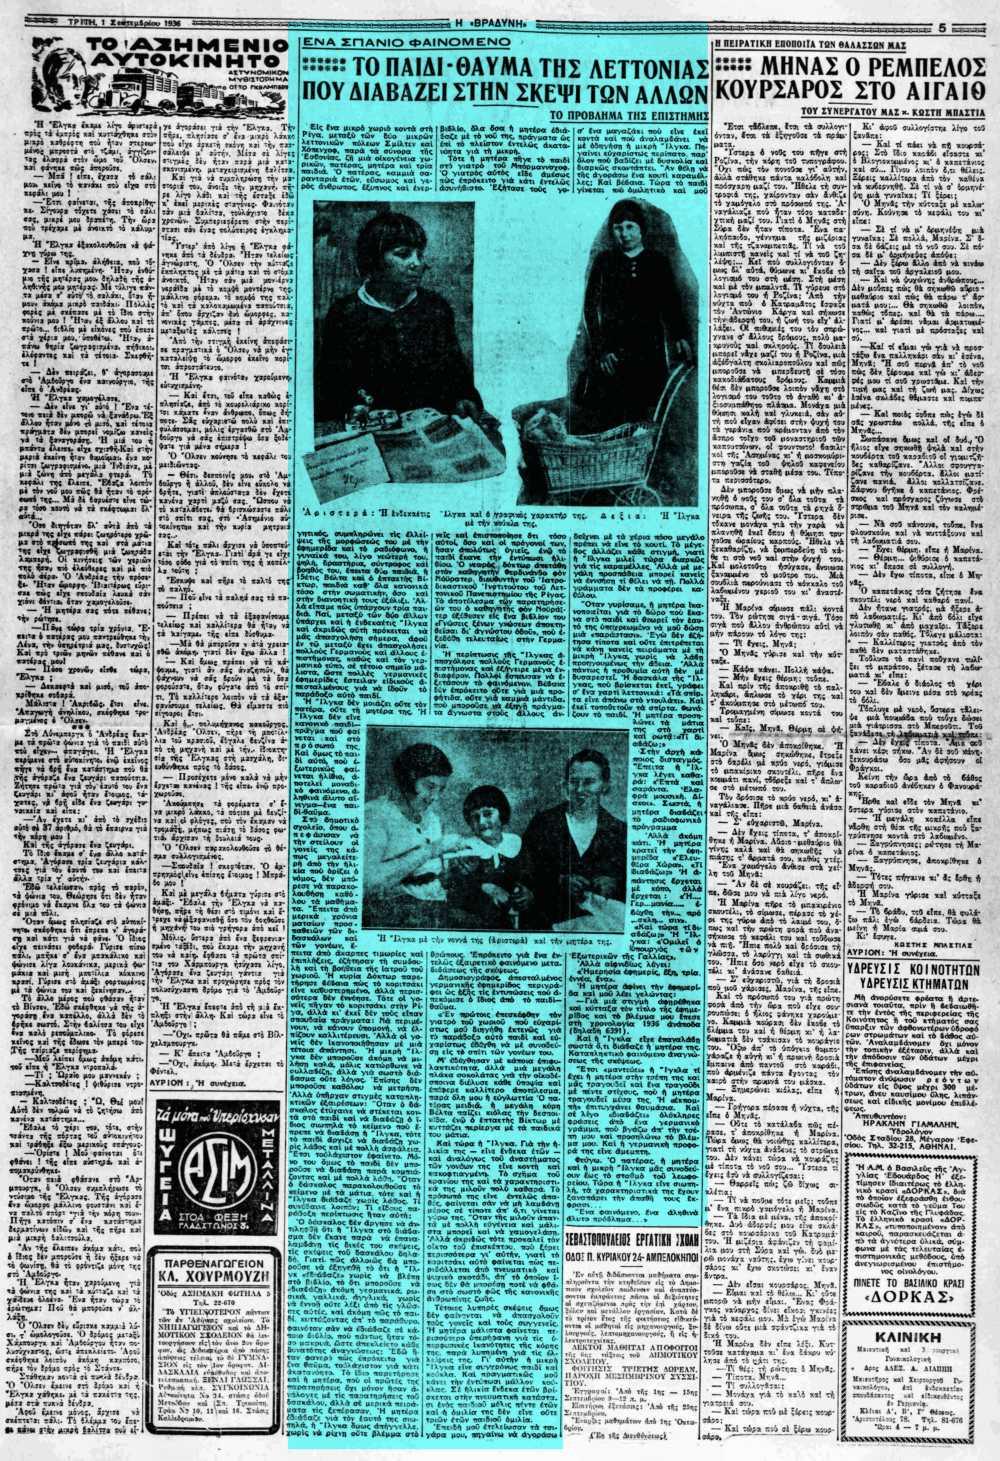 """Το άρθρο, όπως δημοσιεύθηκε στην εφημερίδα """"Η ΒΡΑΔΥΝΗ"""", στις 01/09/1936"""